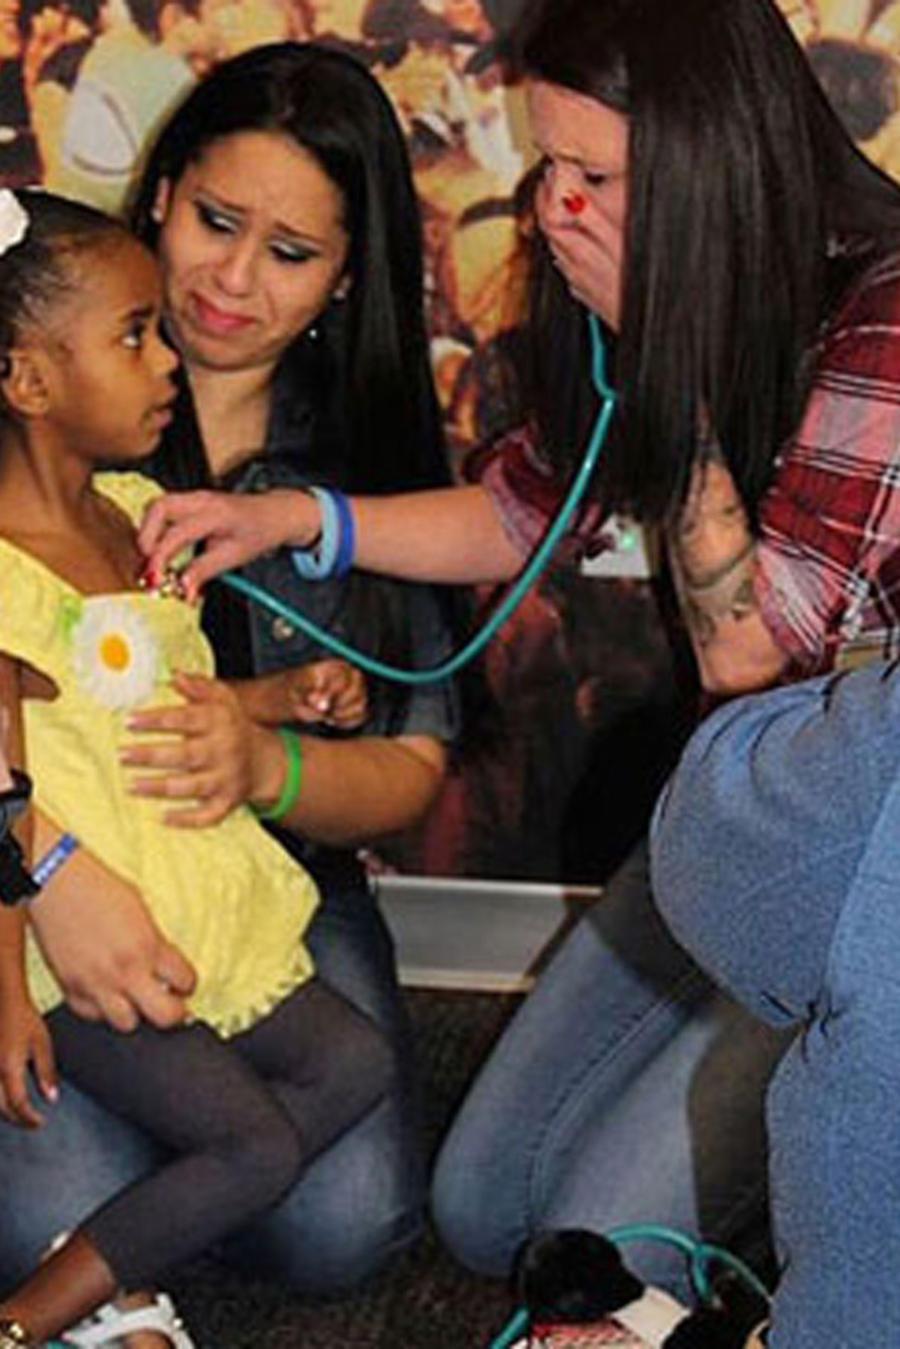 Heather Clark escucha el latido del corazón de su hijo fallecido en una niña de cuatro años